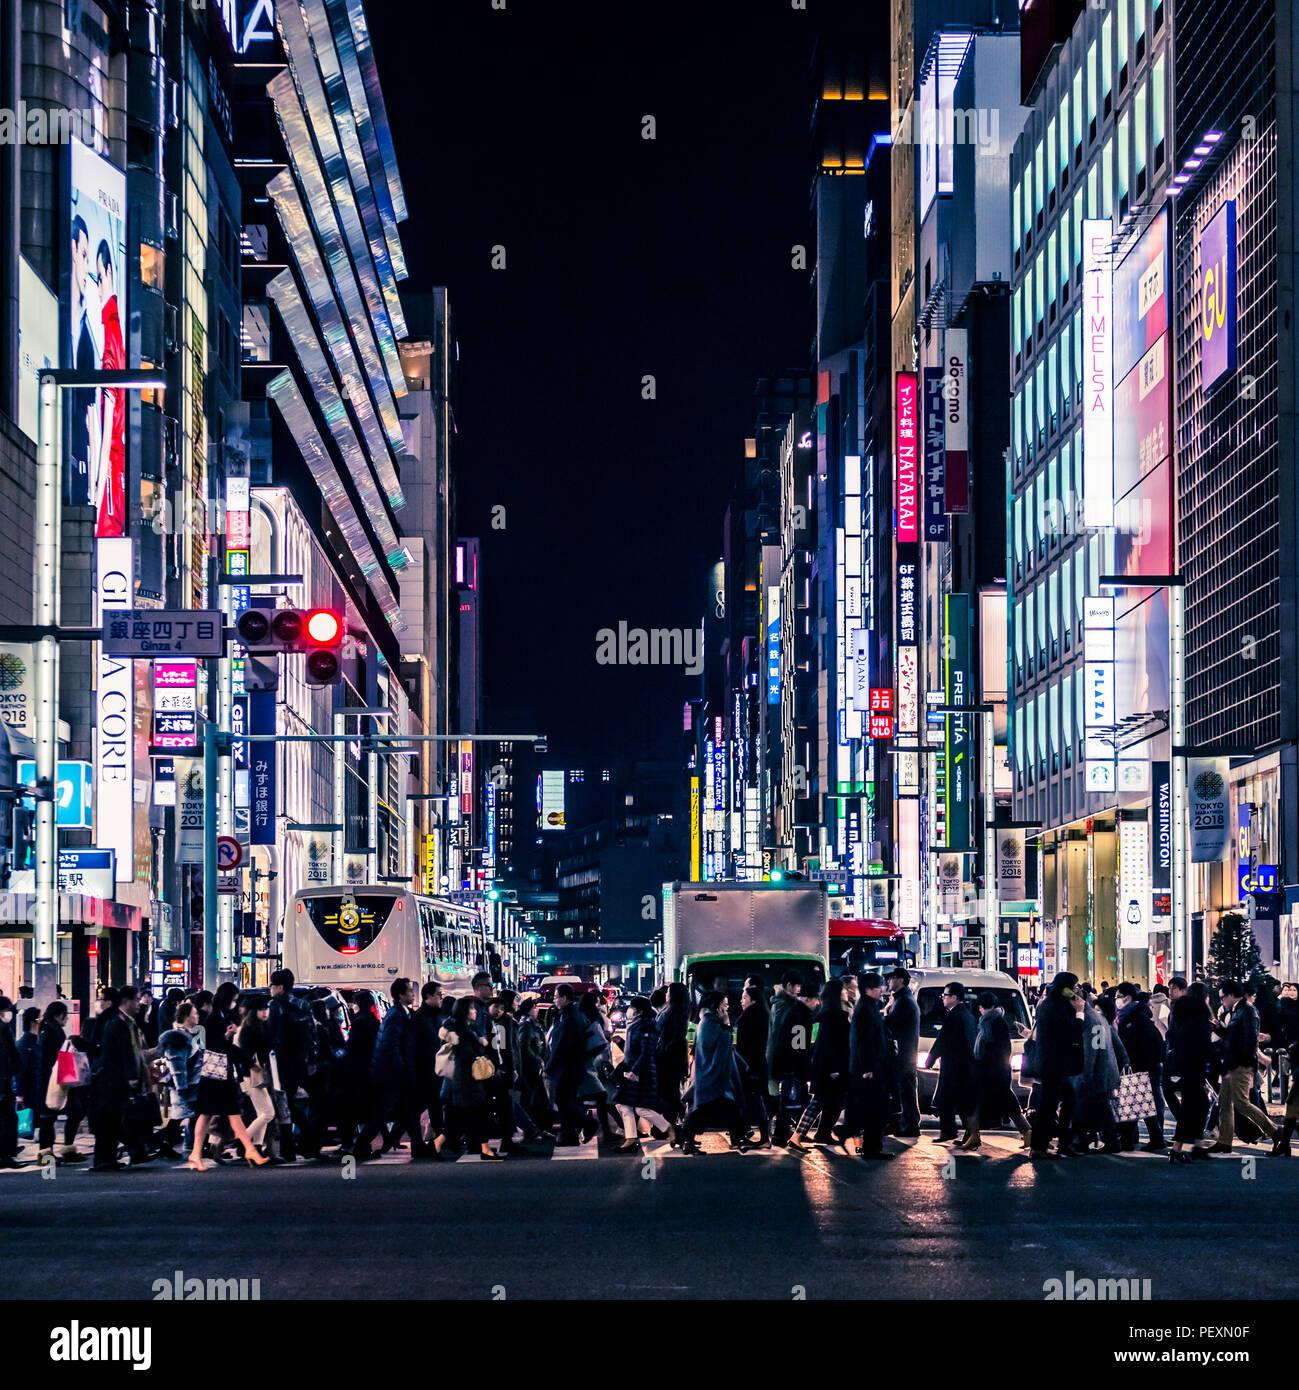 Multitud de gente en la calle en el barrio de Ginza, Tokio, Japón Imagen De Stock